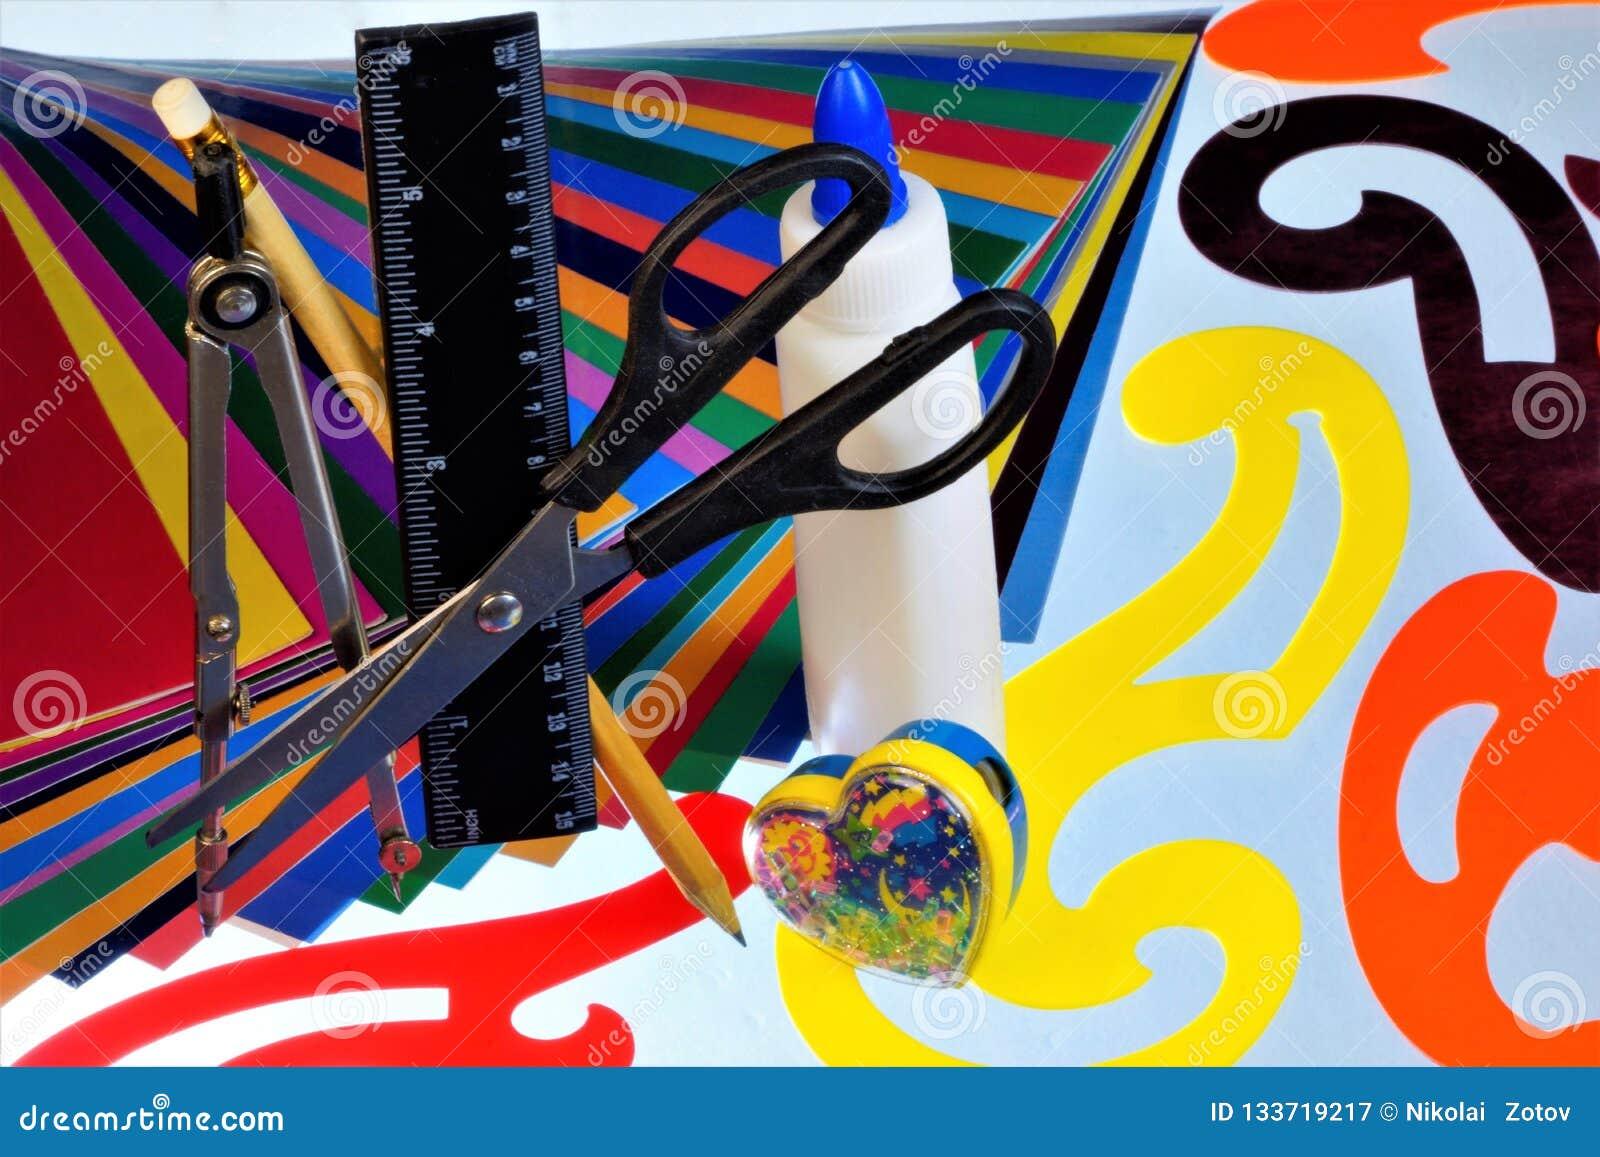 Farbiges Papier und Muster für die Kreativität der Kinder